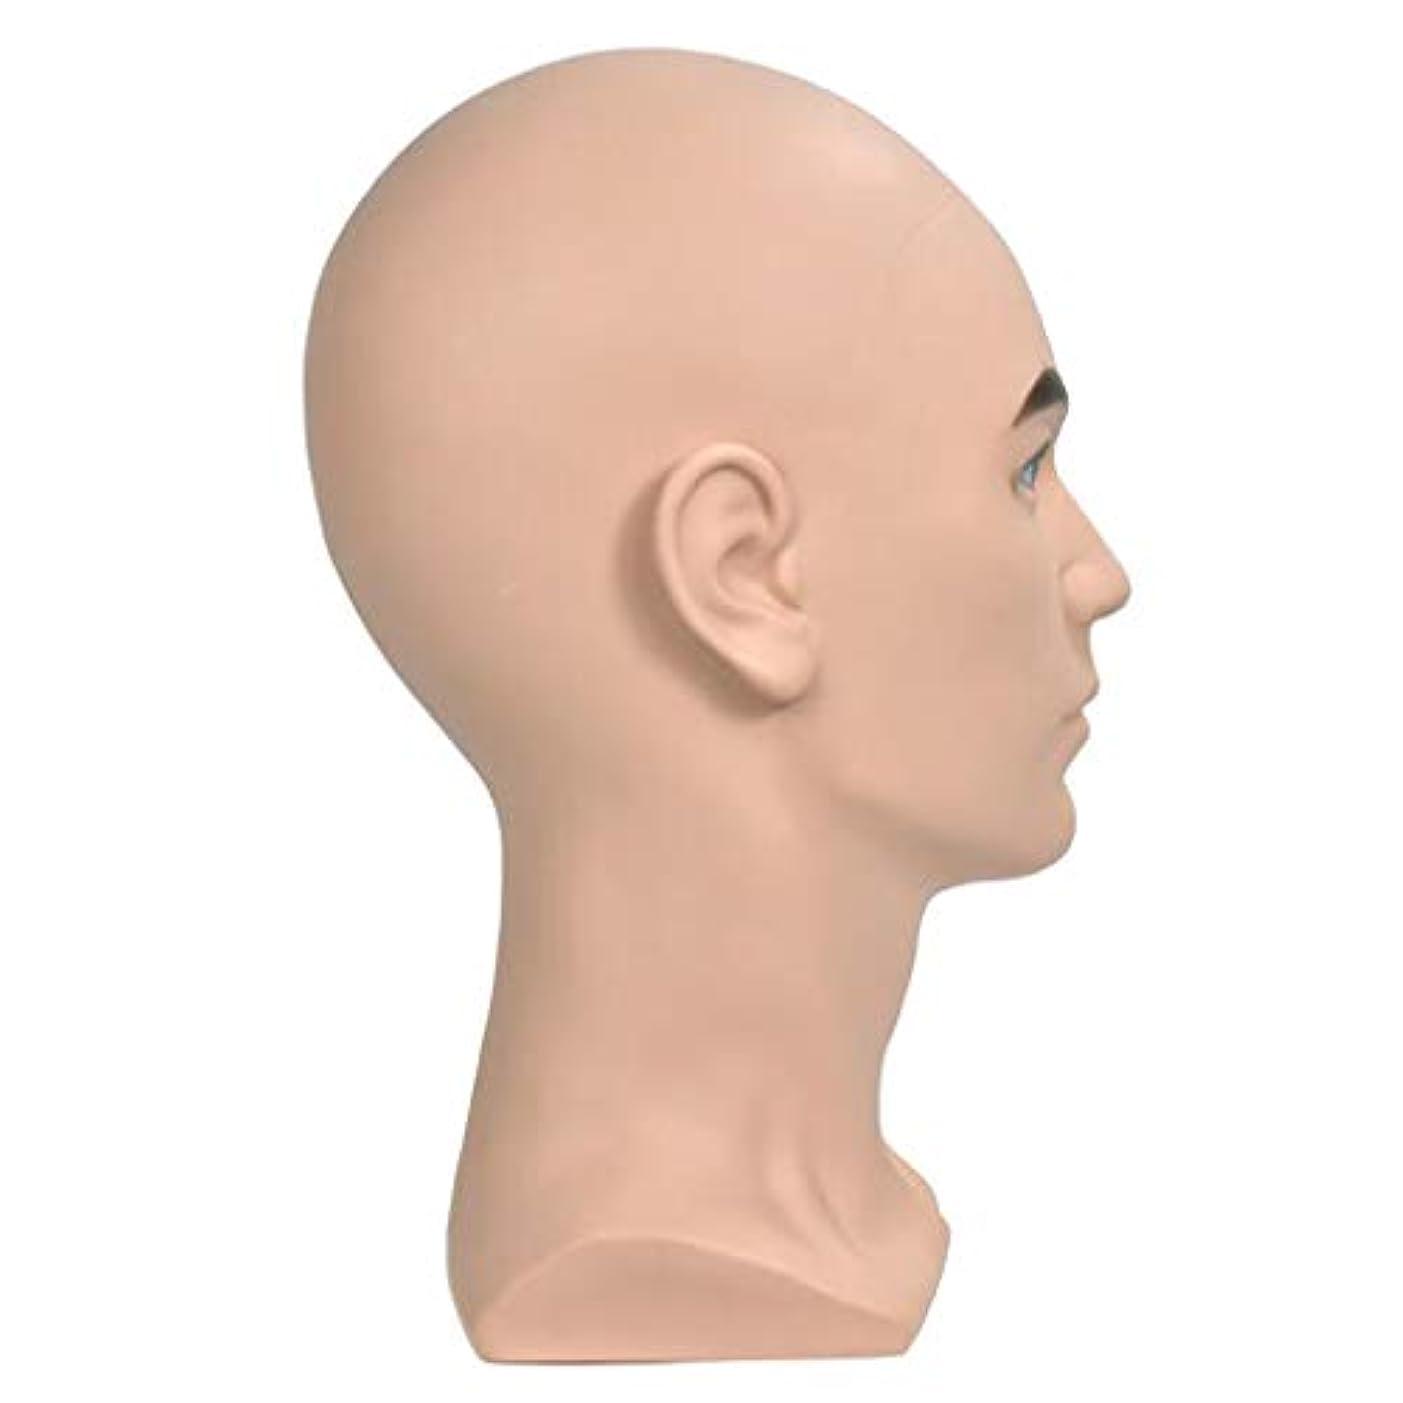 クスクス存在薬用Perfeclan マネキンヘッド ウィッグ かつら 帽子 宝石 眼鏡 メガネ スカーフ ディスプレイ ホルダー